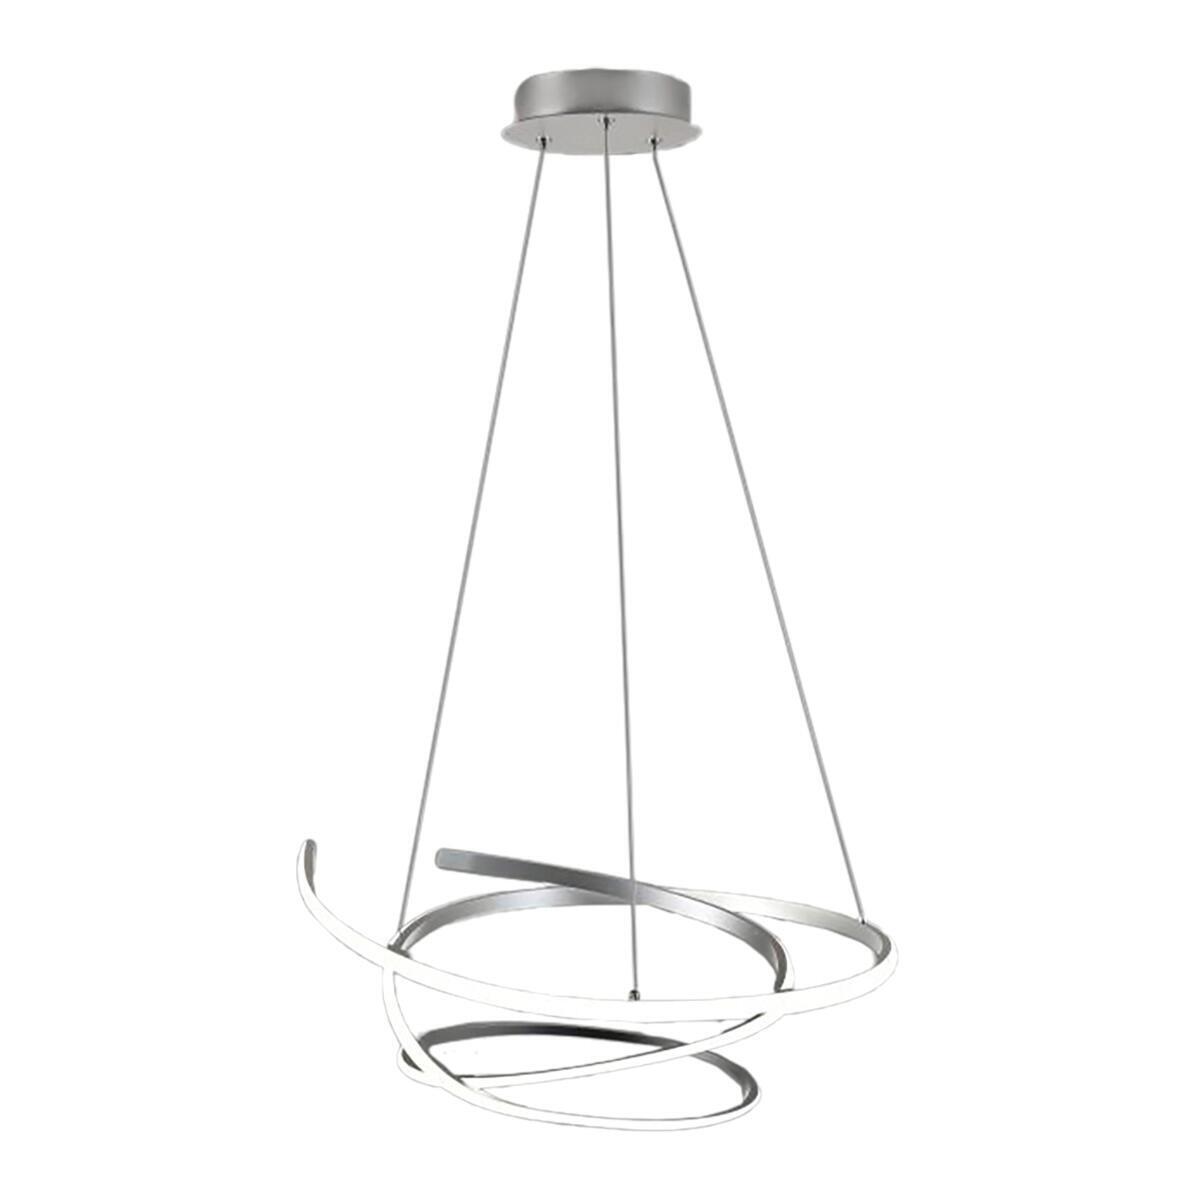 Lampadario Moderno KILEY LED integrato silver, in alluminio, L. 54 cm - 4